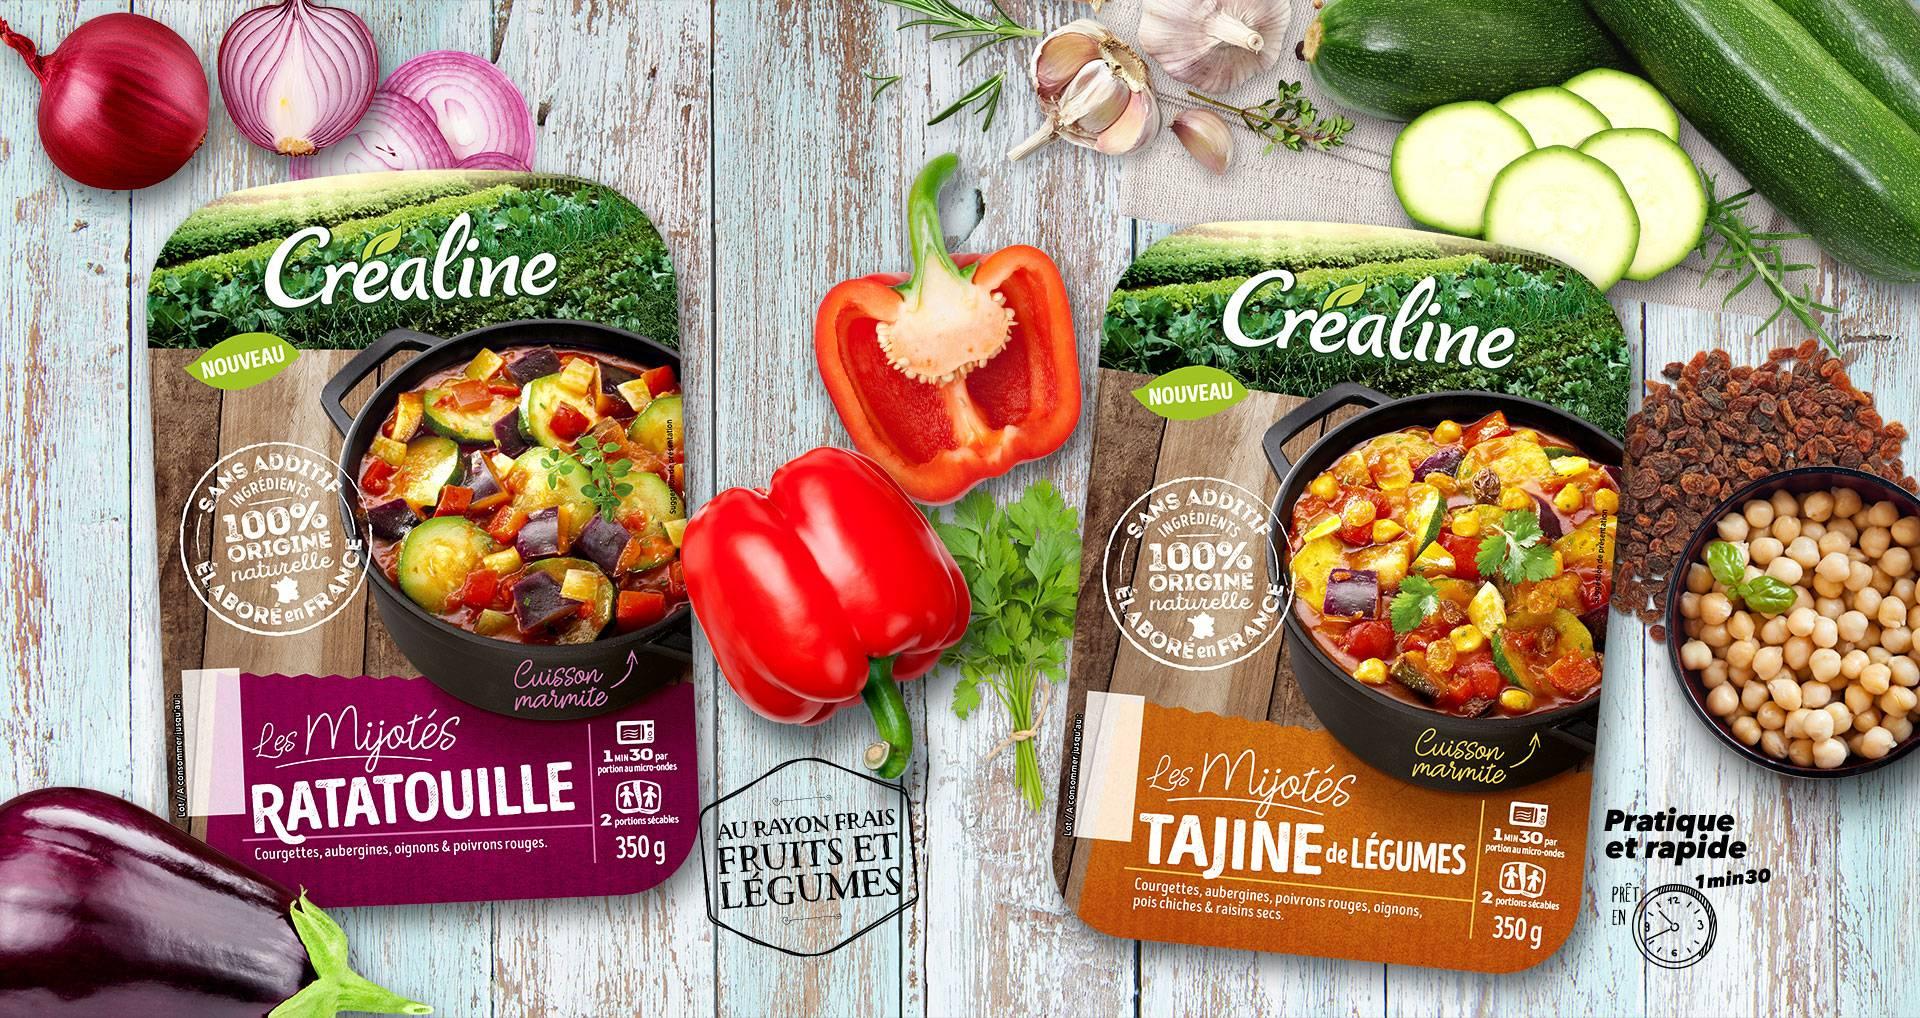 Les mijotés de légumes au rayon frais Créaline